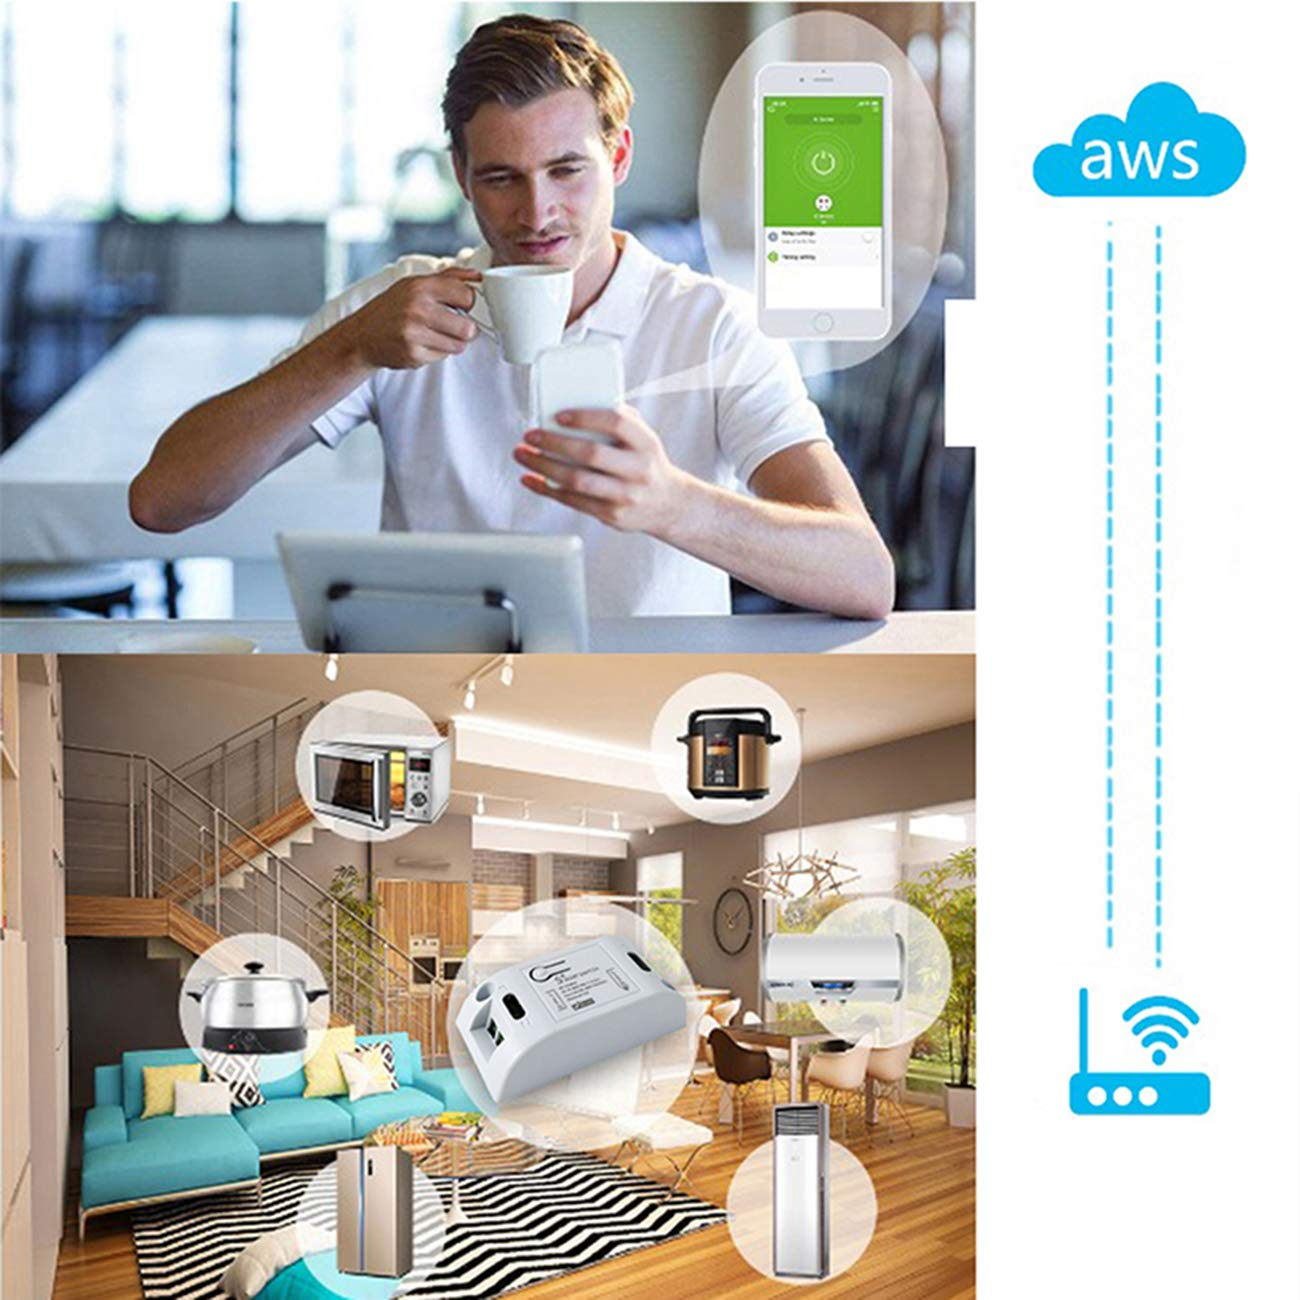 HHC Smart WiFi Commutateur Intelligent T/él/écommande Timer Interrupteur sans Fil Smart Home Automation Minuterie de Sortie Compatible avec Alexa Google Home IFTTT Via iOS /& Android 90-250V